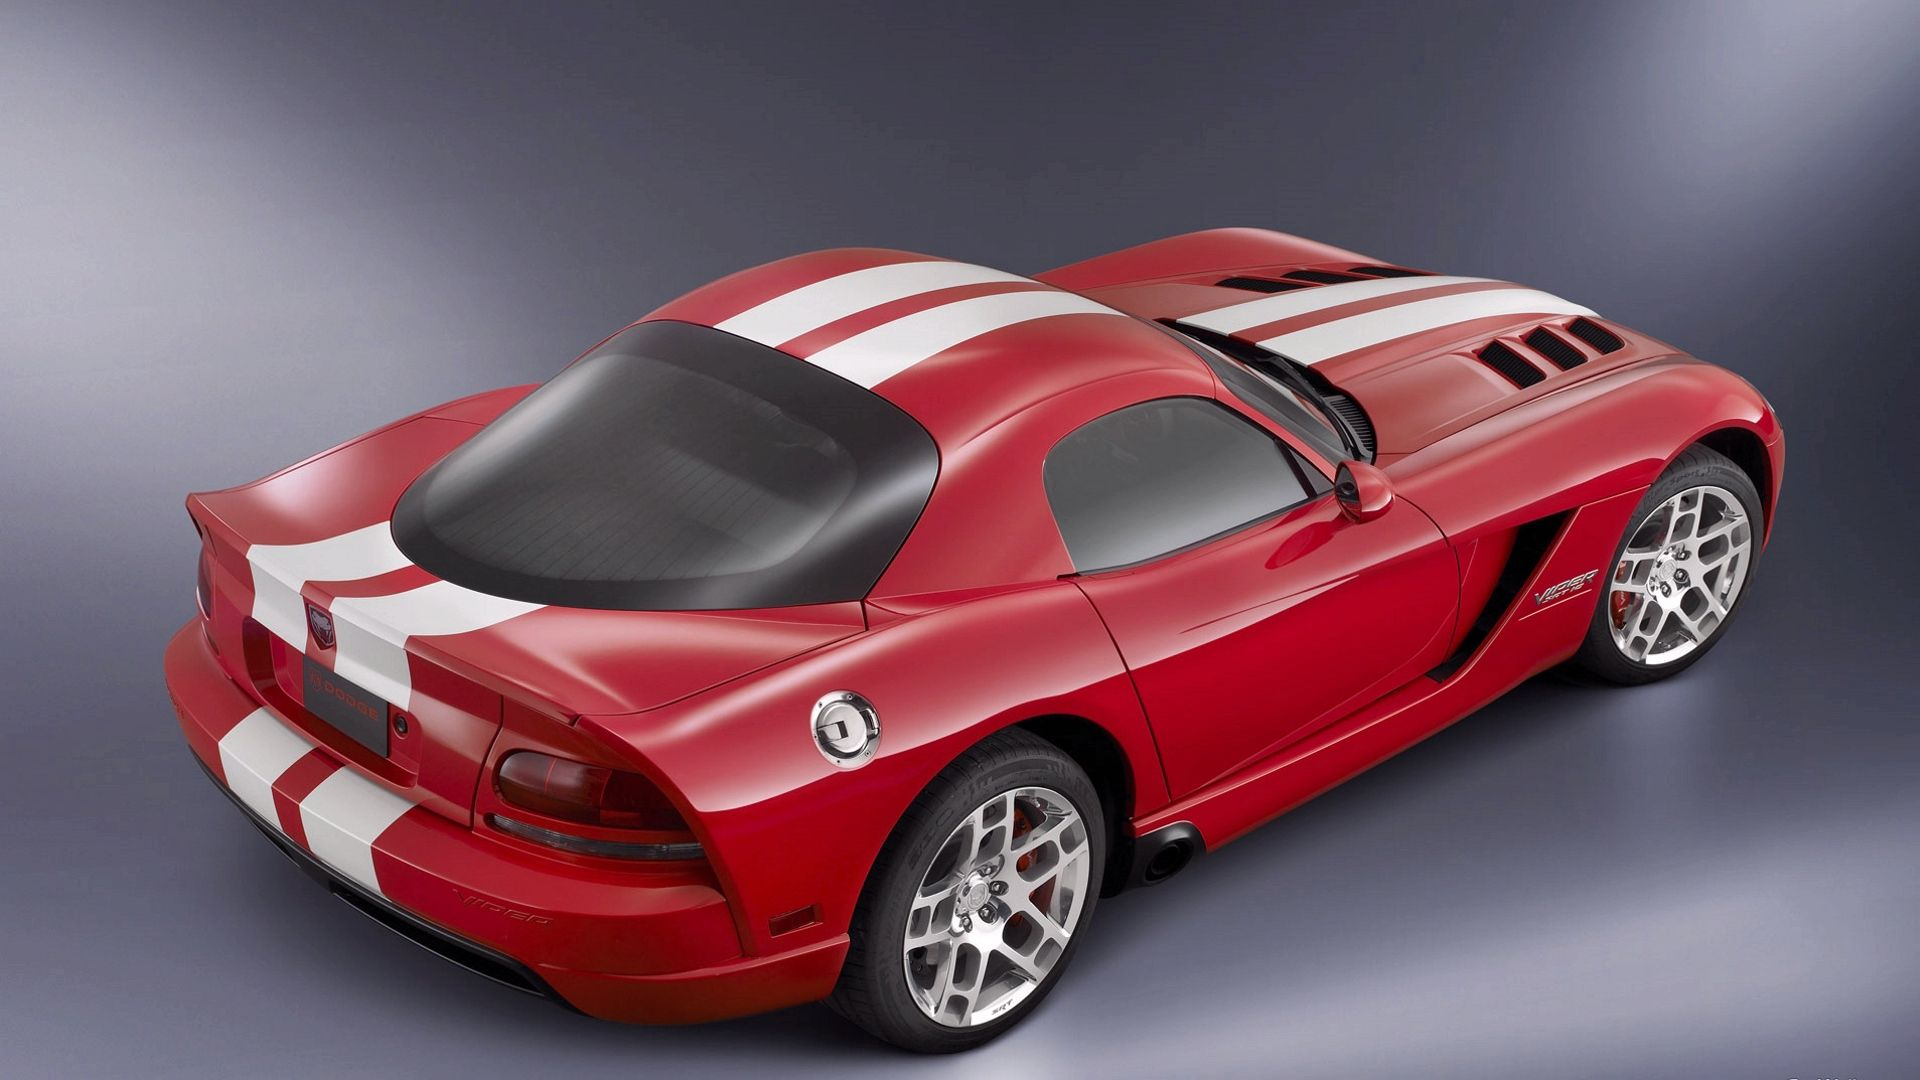 Top View Latest Images Viper Srt 10 Hd Wallpaper Dodge Viper